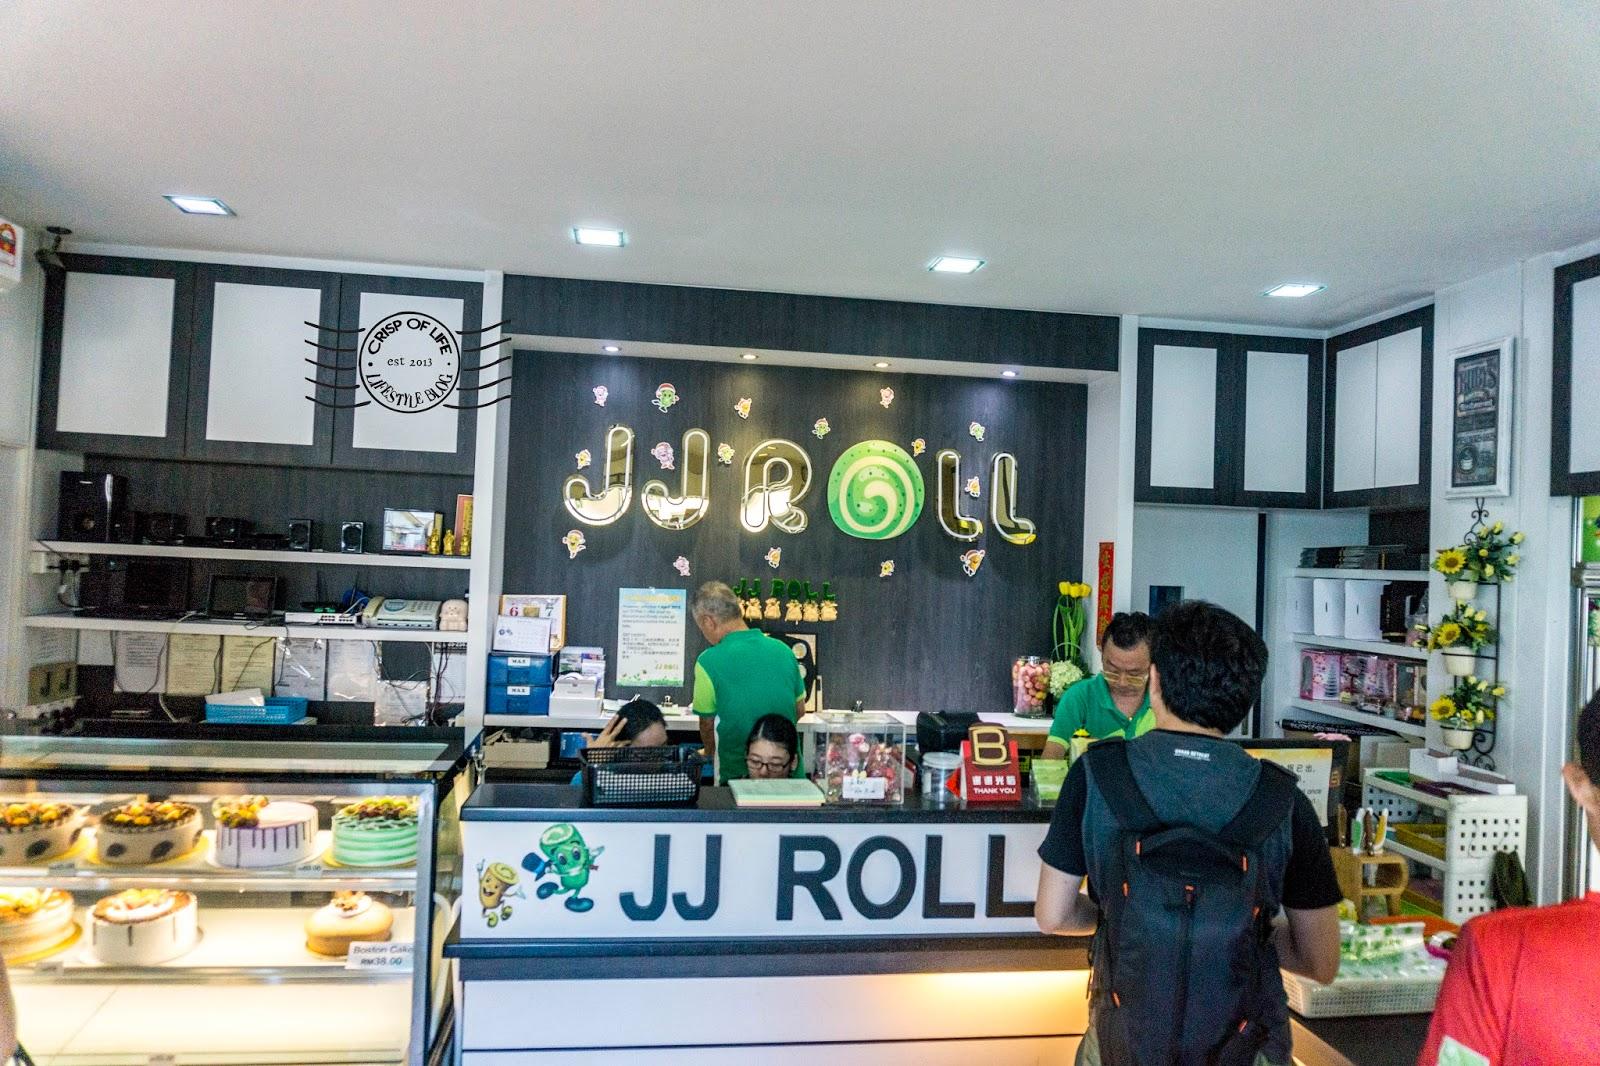 JJ Swss Roll Ipoh